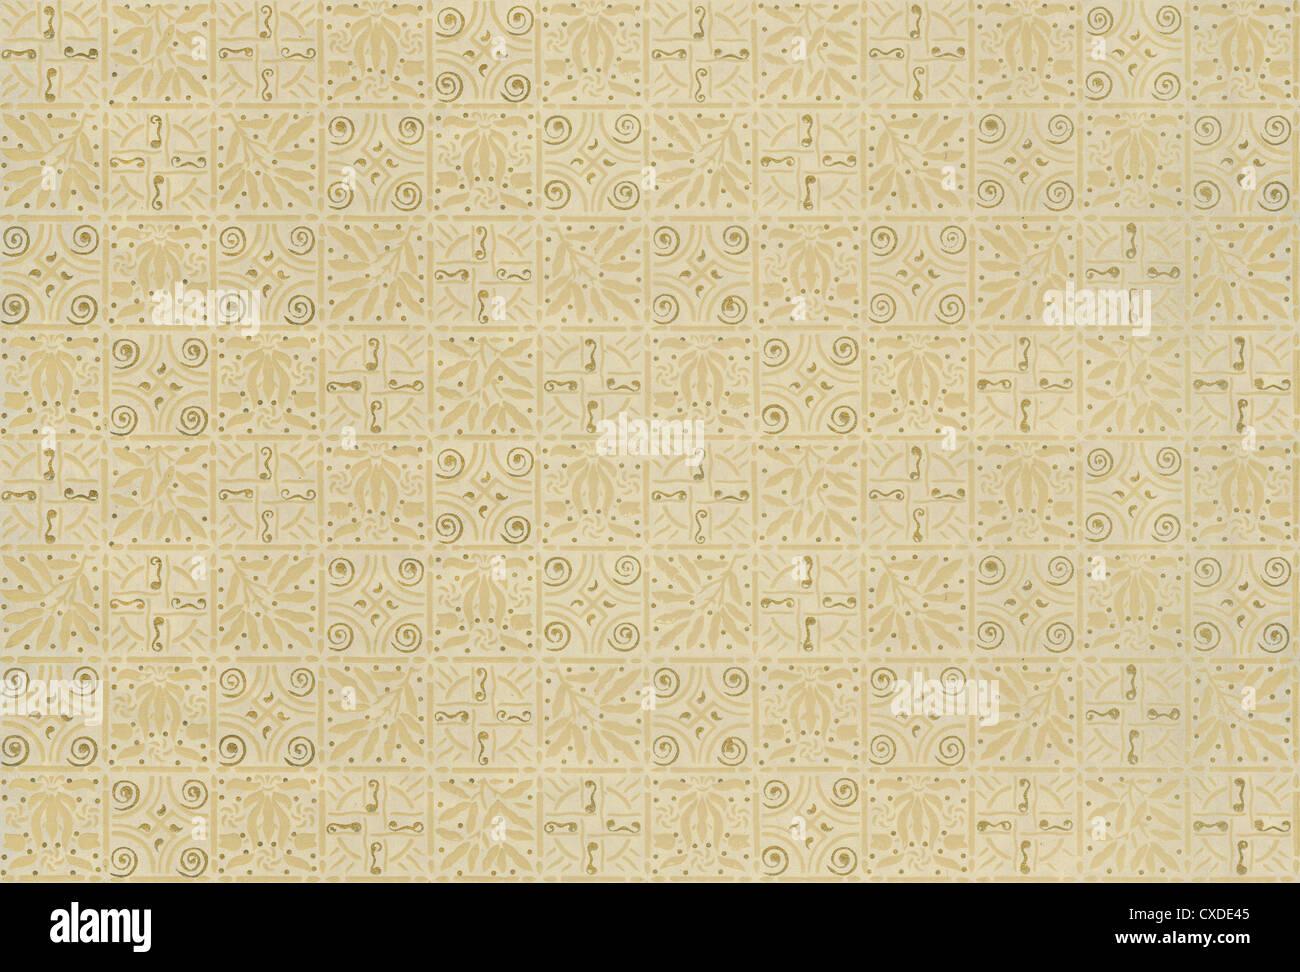 Ca. 1880 s viktorianische Tapete. Dieses authentische Fragment kann wiederholt oder gefliest werden. Stockbild